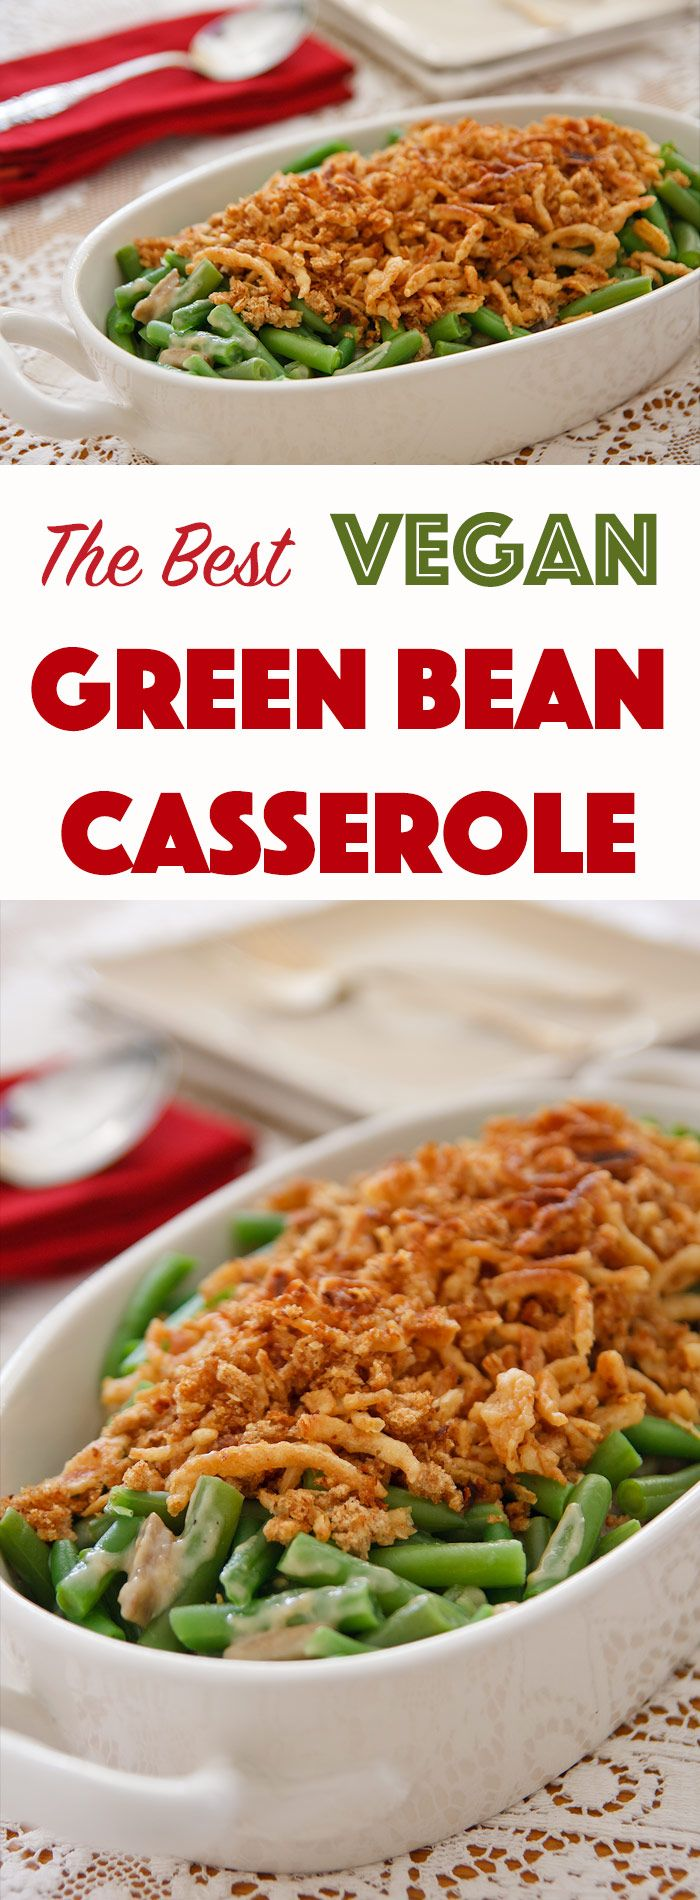 The Best Vegan Green Bean Casserole Recipe Vegan Thanksgiving